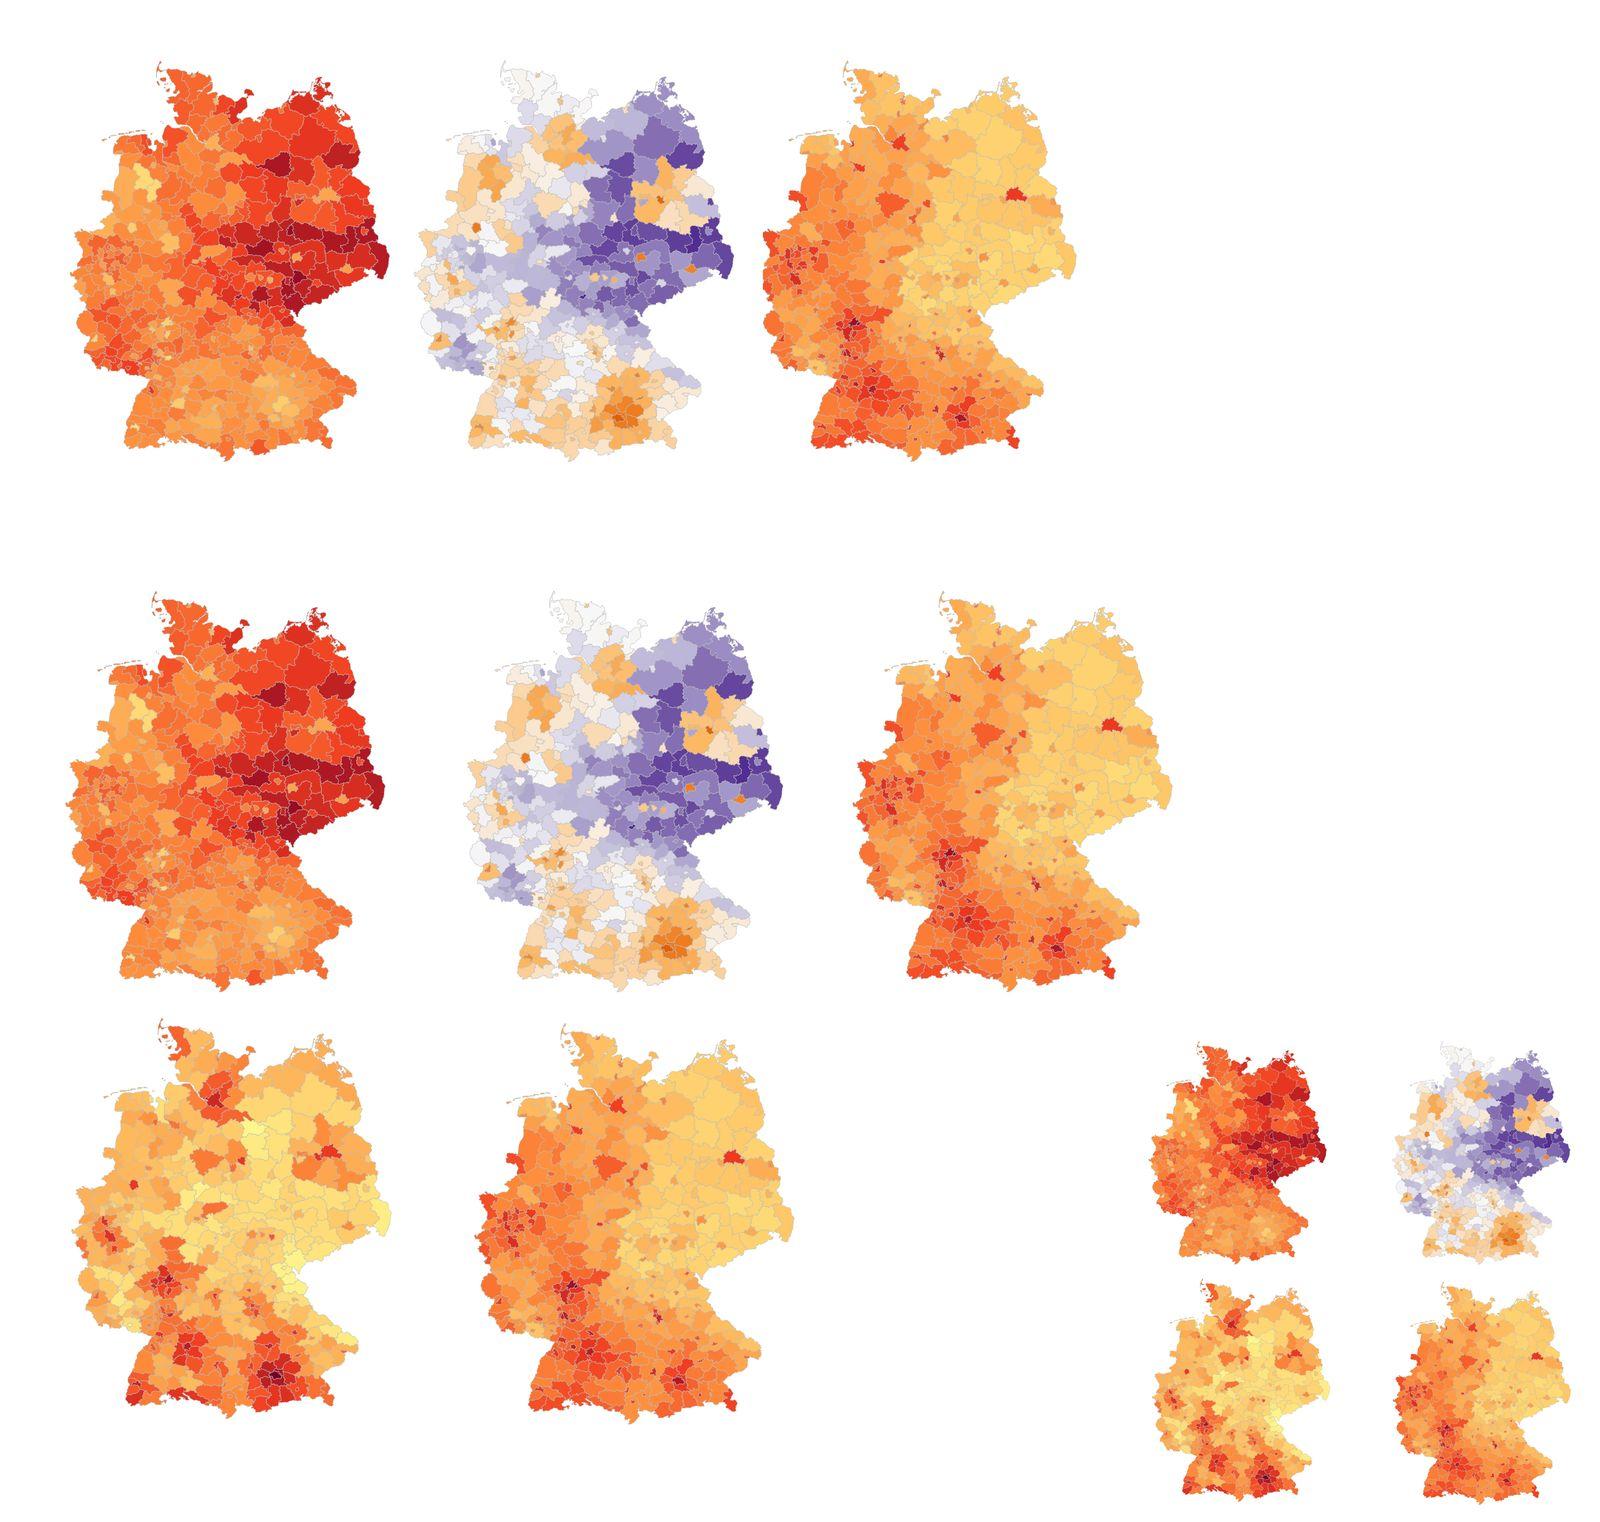 Bevölkerung, Arbeitslose, Miete